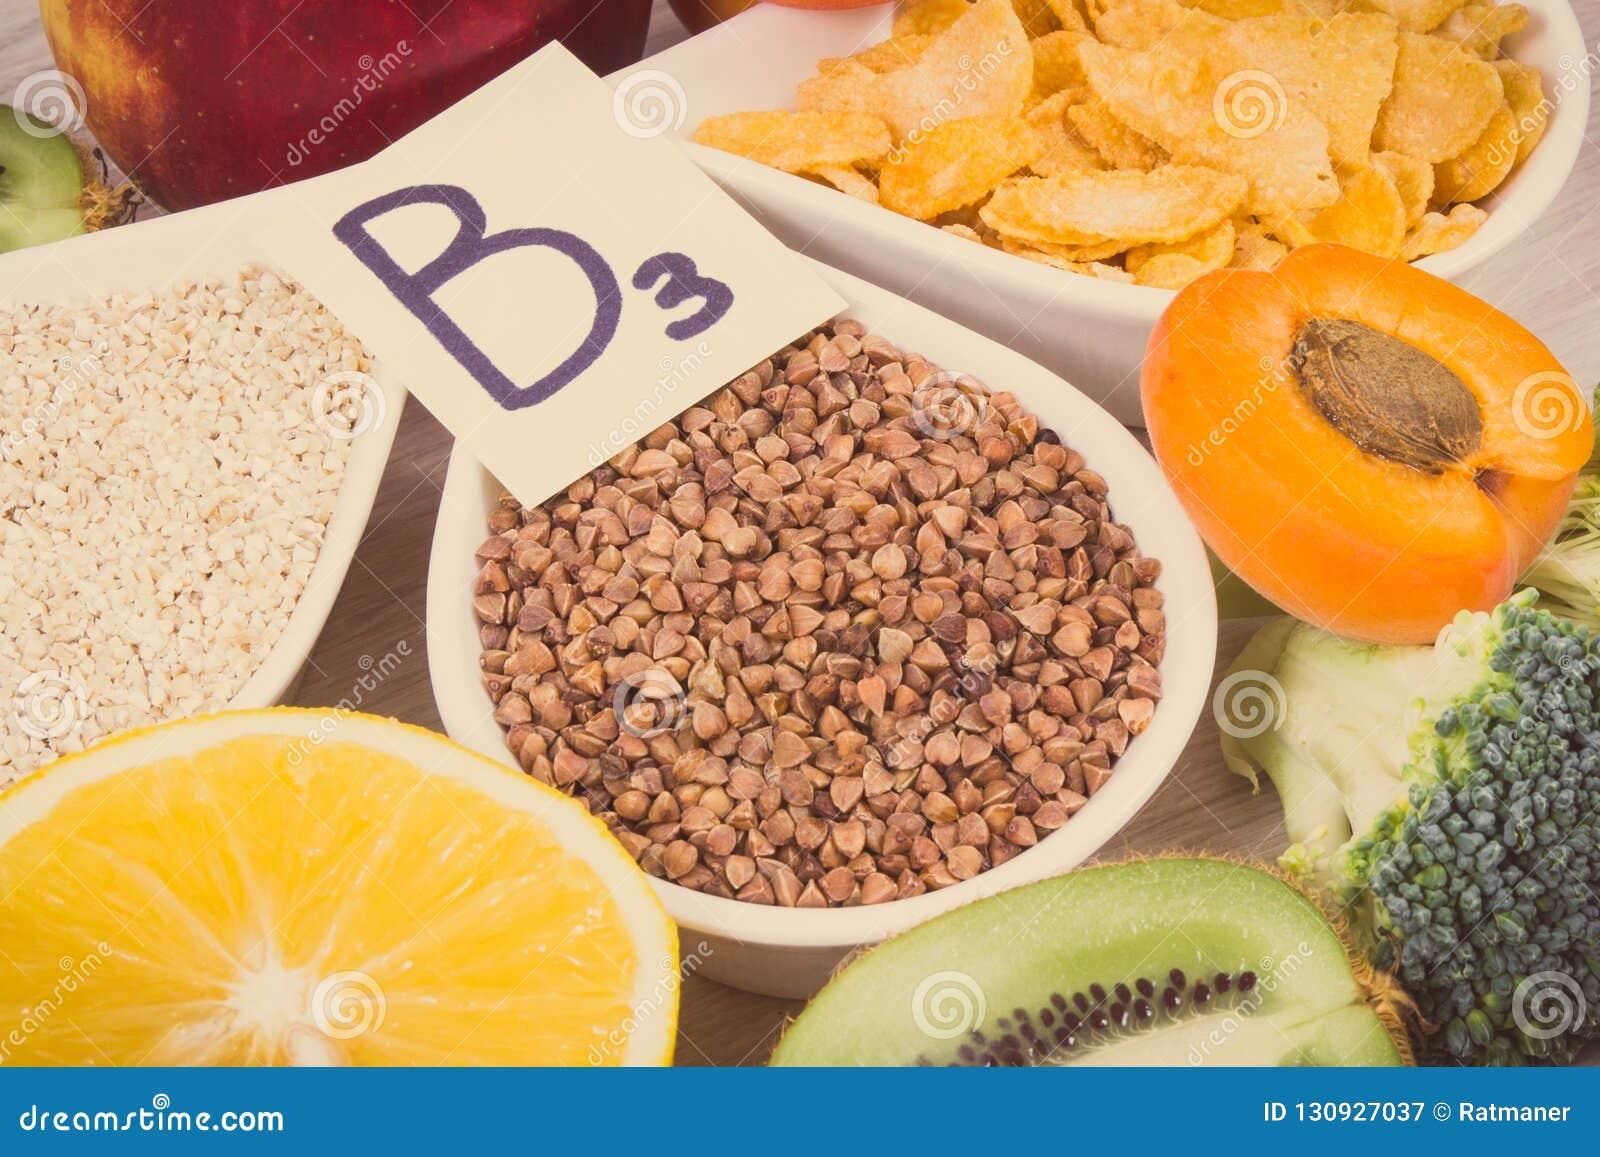 productos con vitamina b3